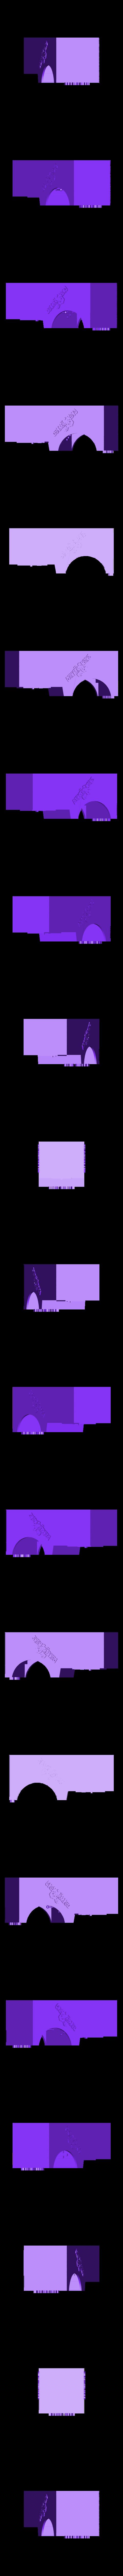 first_donkey.stl Télécharger fichier STL gratuit donkey kong arcade • Plan pour imprimante 3D, tyh